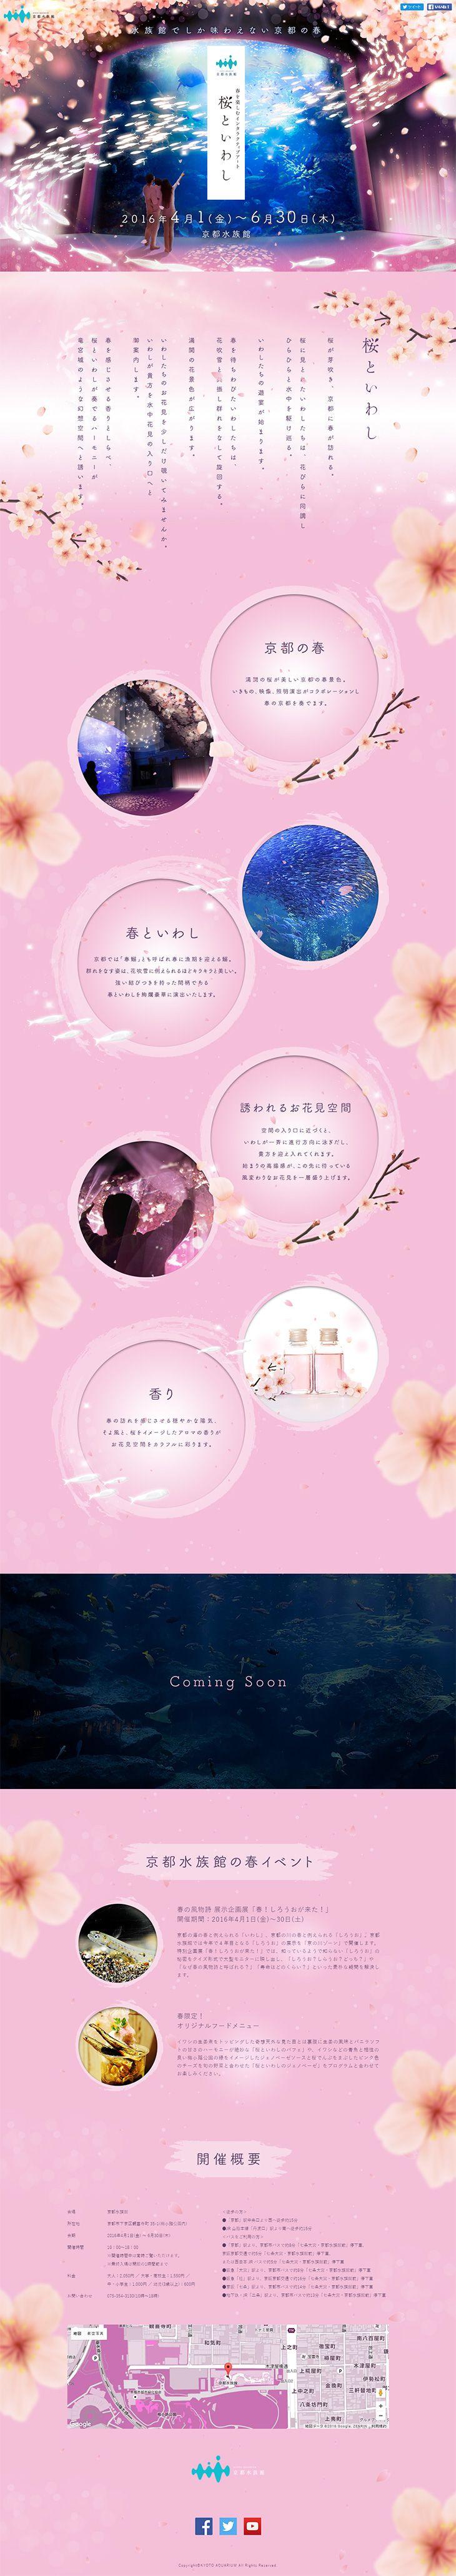 春を楽しむインタラクティブアート 桜といわし